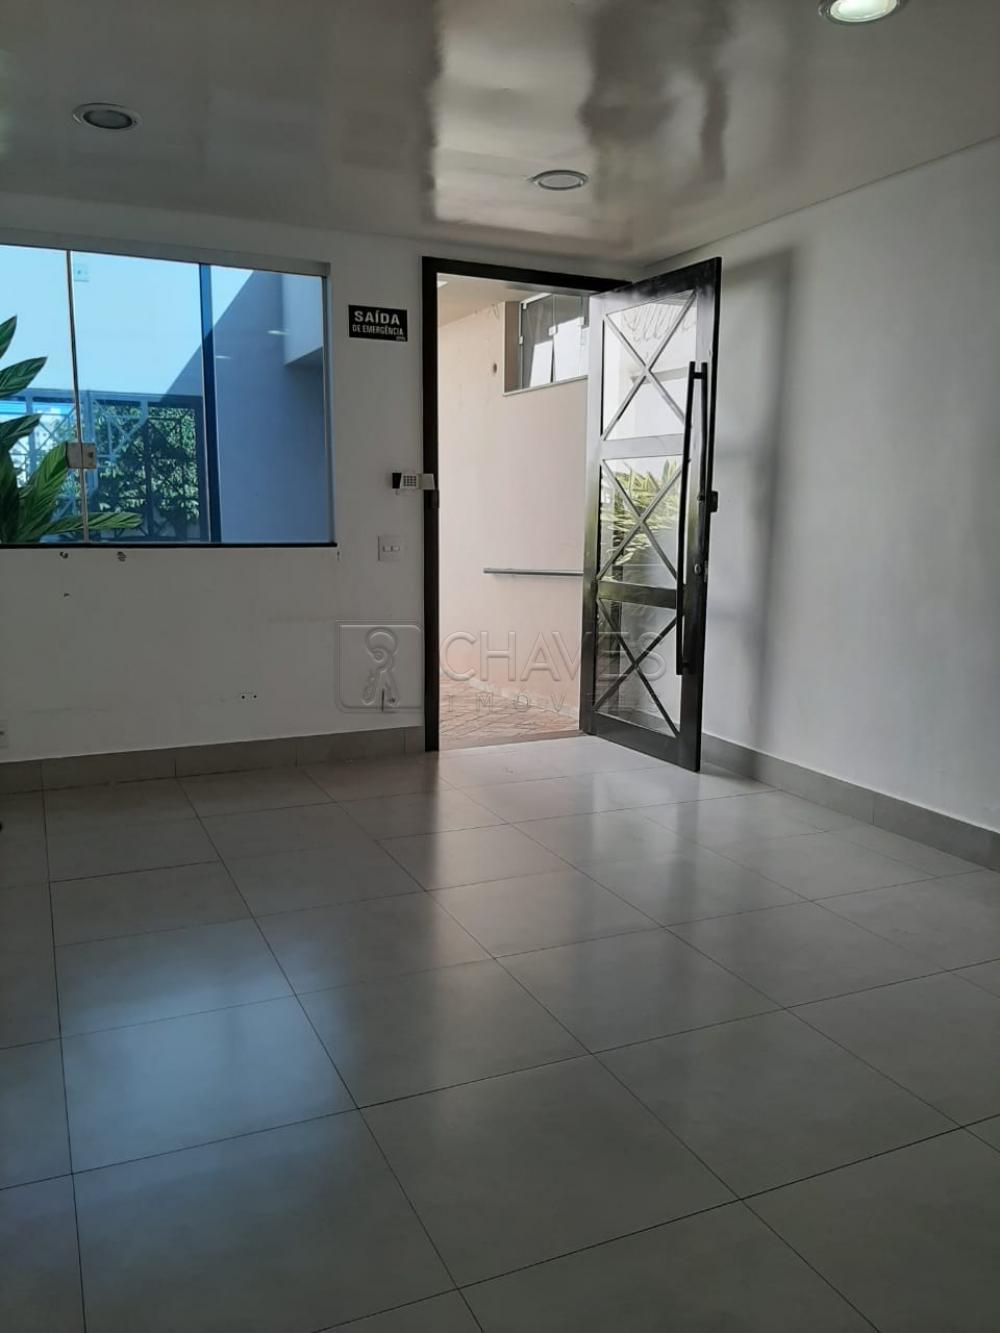 Alugar Comercial / casa em Ribeirão Preto apenas R$ 13.500,00 - Foto 11